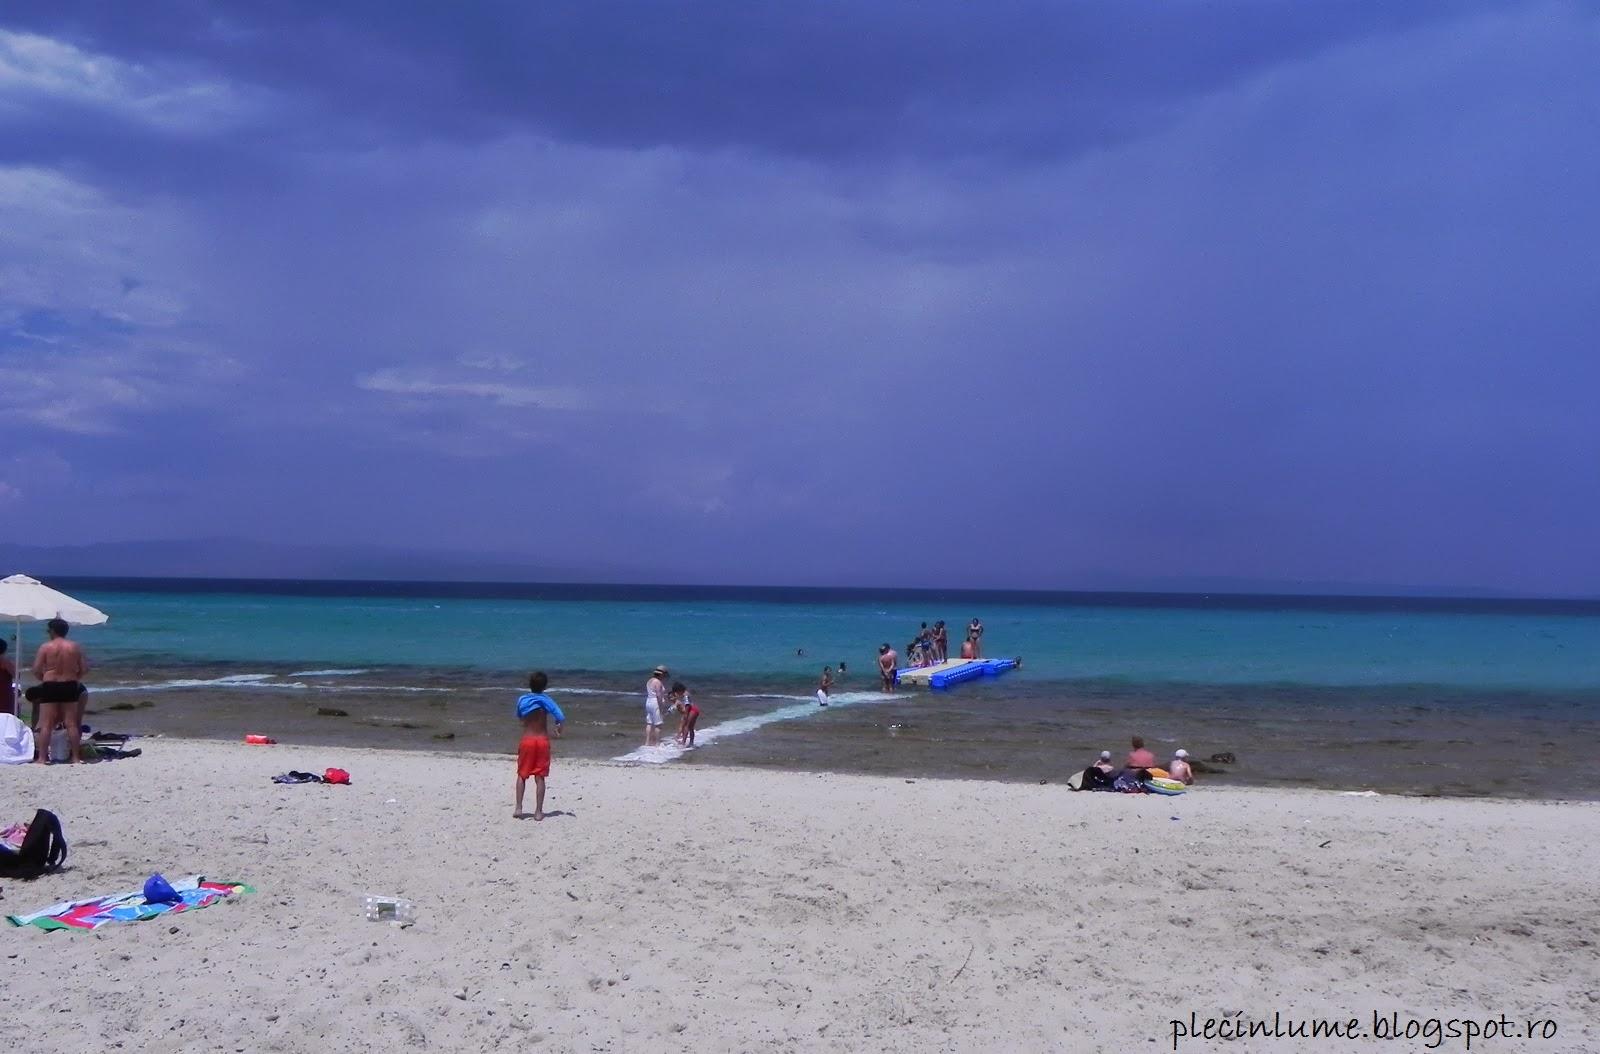 Pasarela pe plaja din Afitos